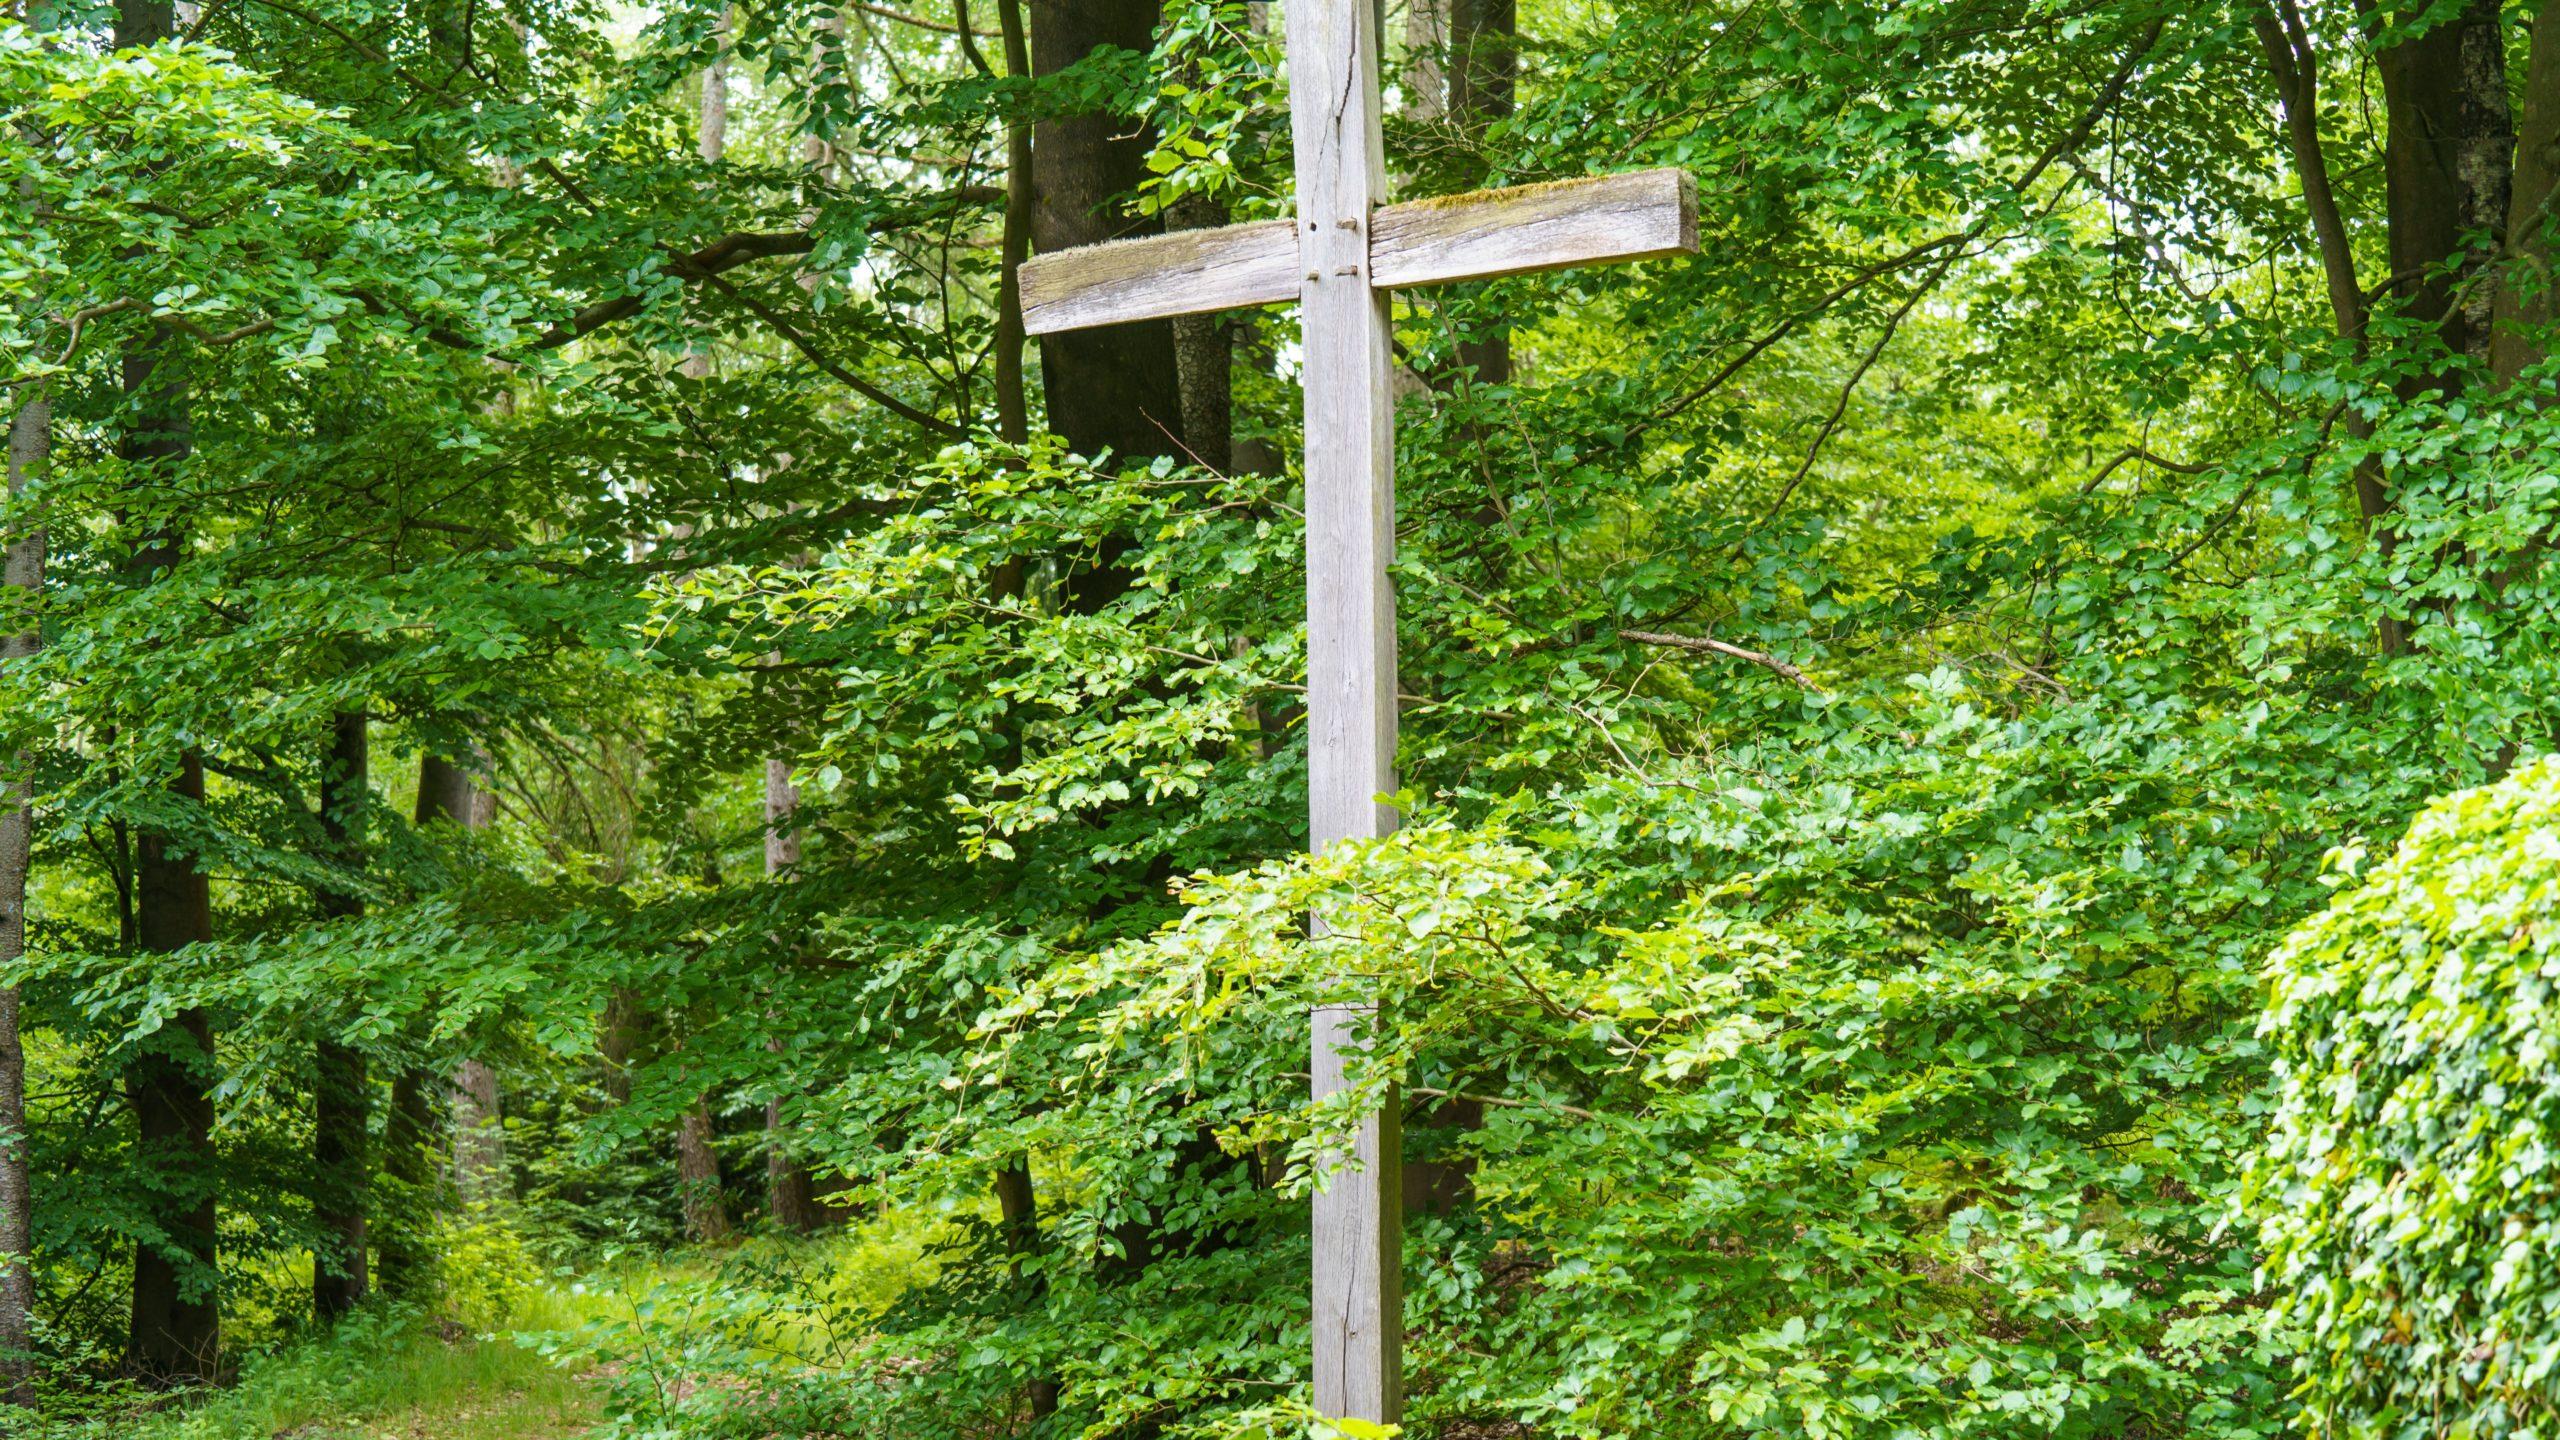 Grenzweg Gerstunger Forst, Erbbegräbnis-Stätte im Hessischen nahe Grenzweg